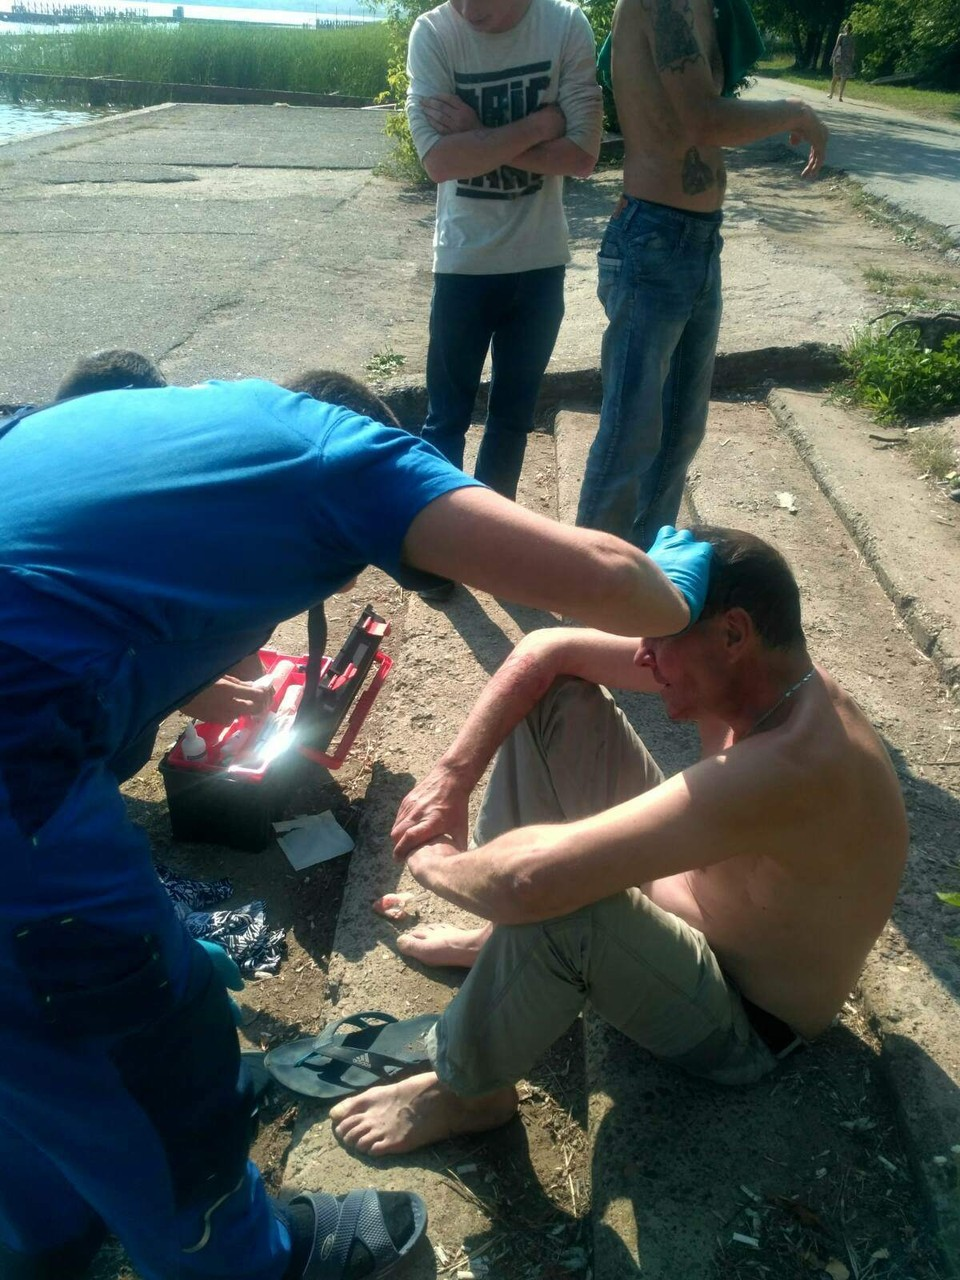 ФОТО: Поисково-спасательная служба Ижевска